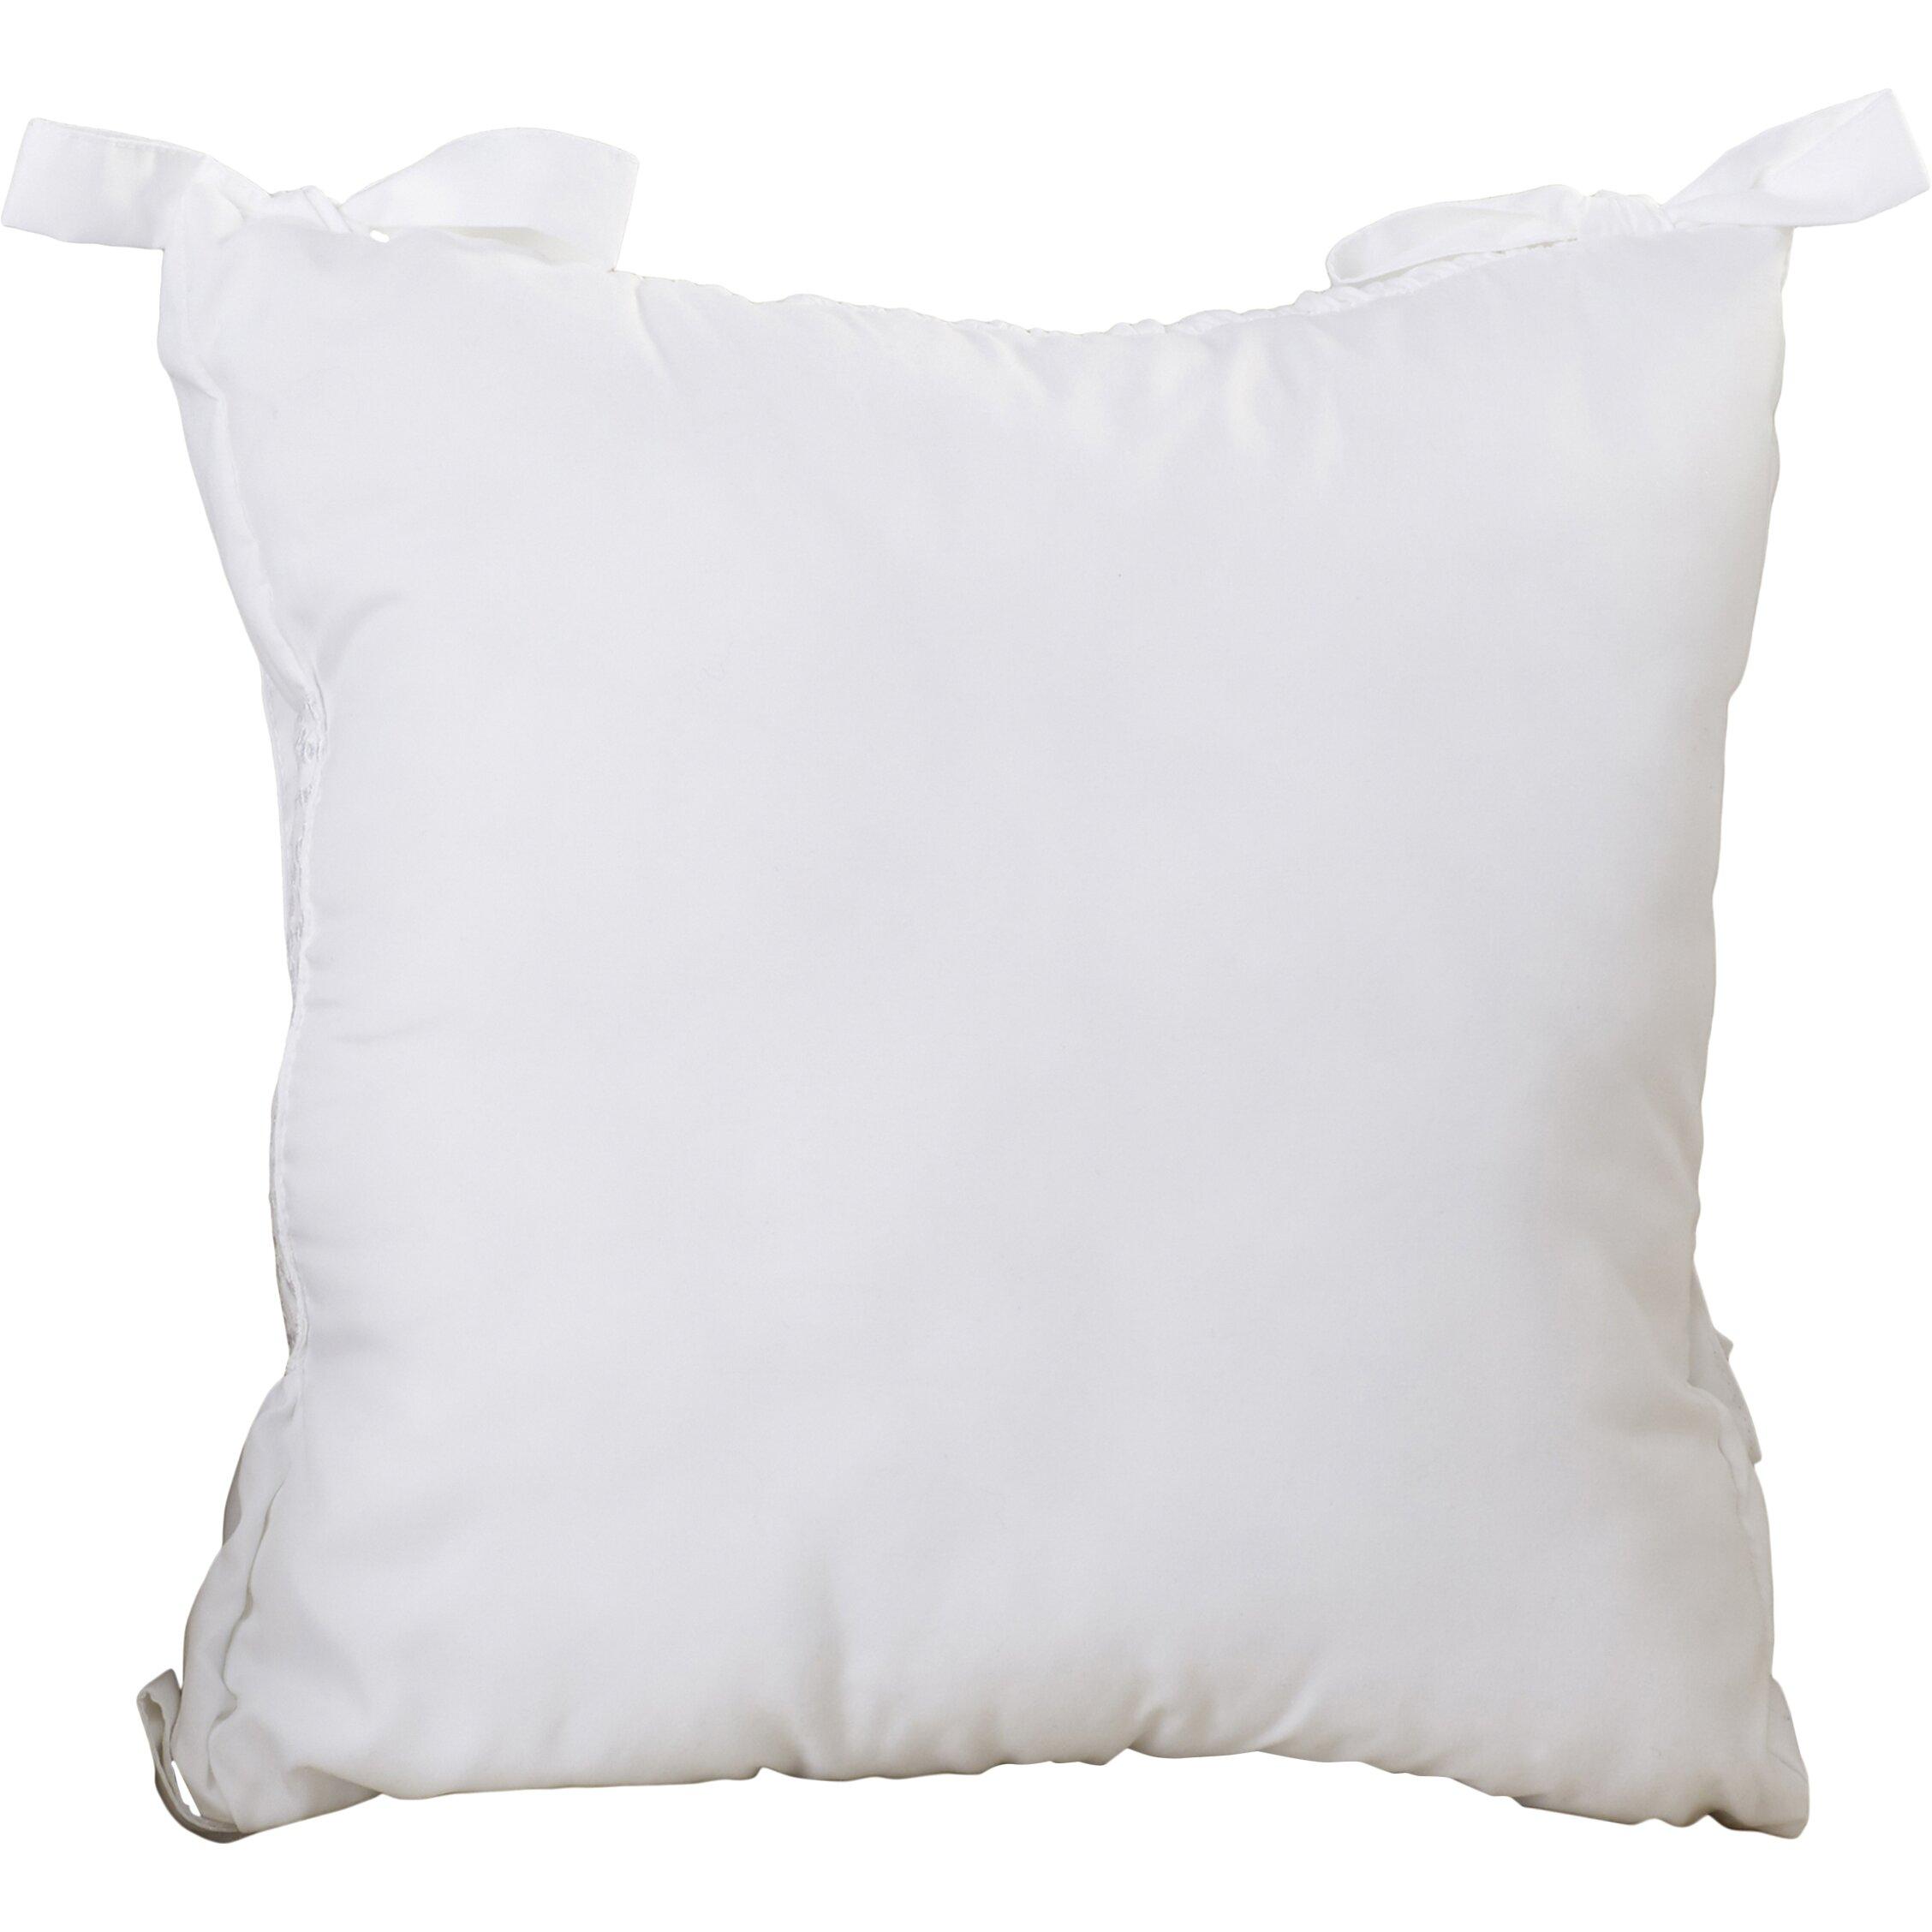 Throw Pillow Wayfair : Viv + Rae Reb Throw Pillow & Reviews Wayfair.ca